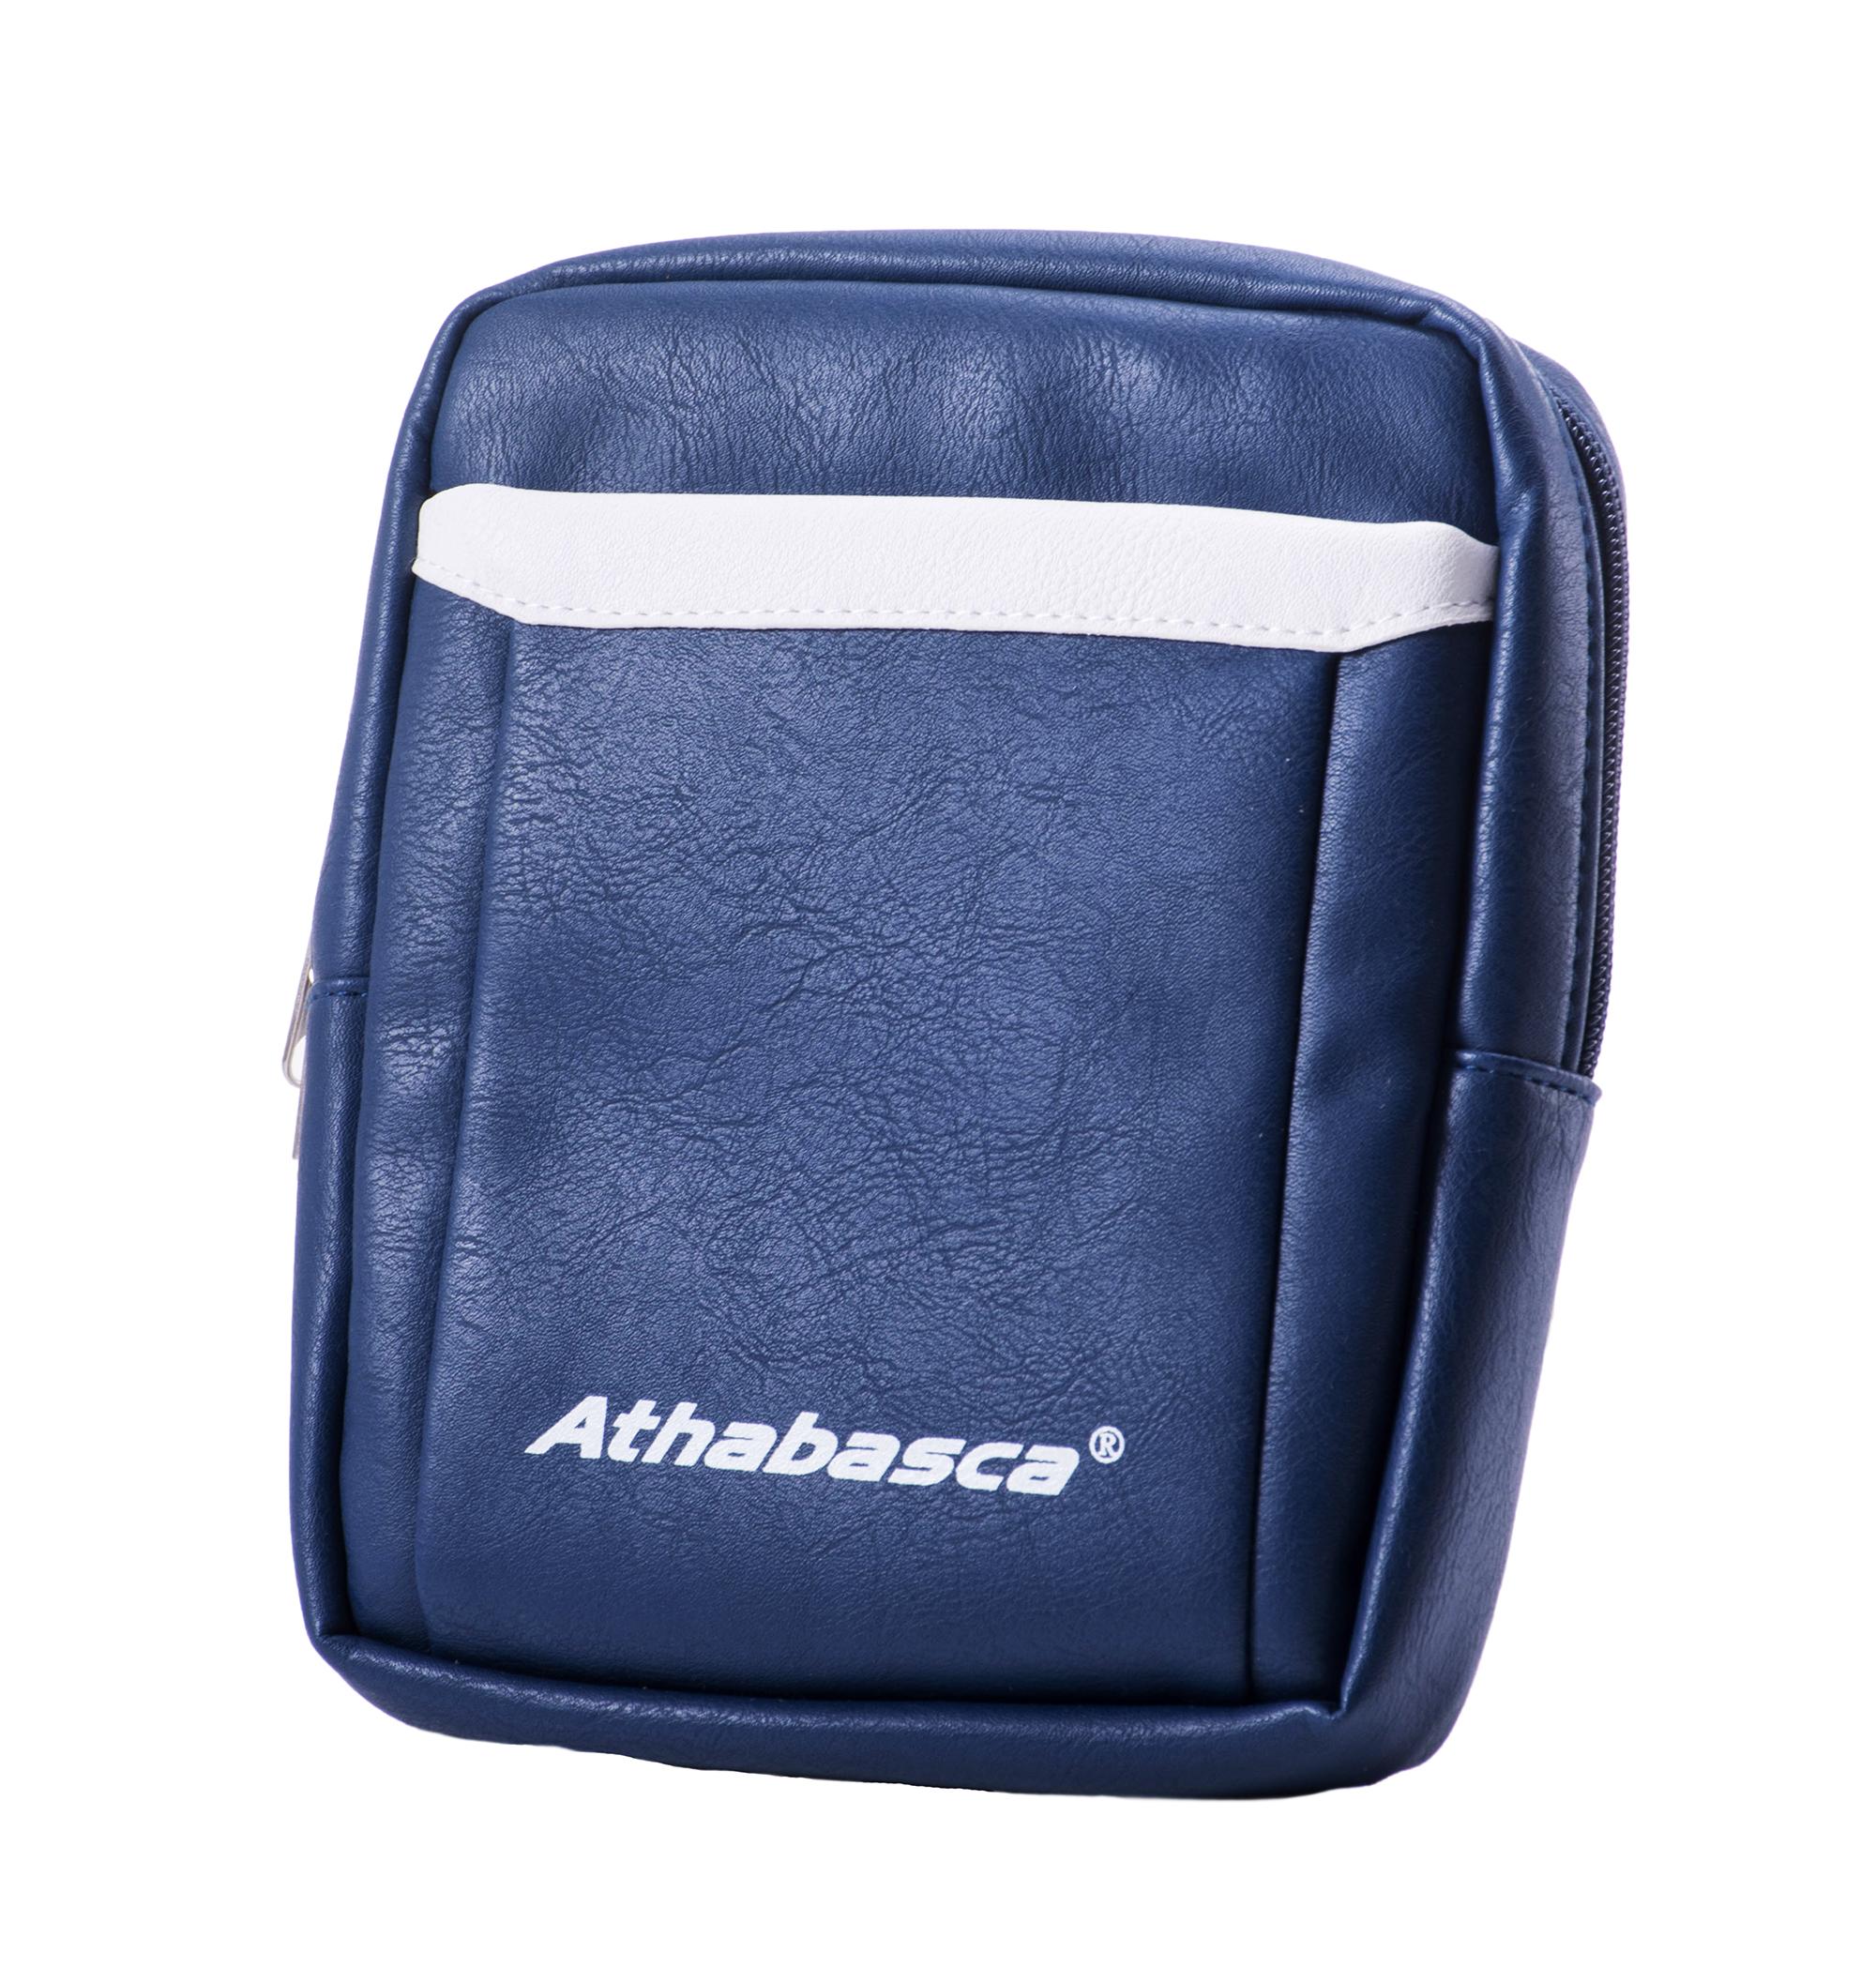 Athabasca 方片濾鏡保護袋